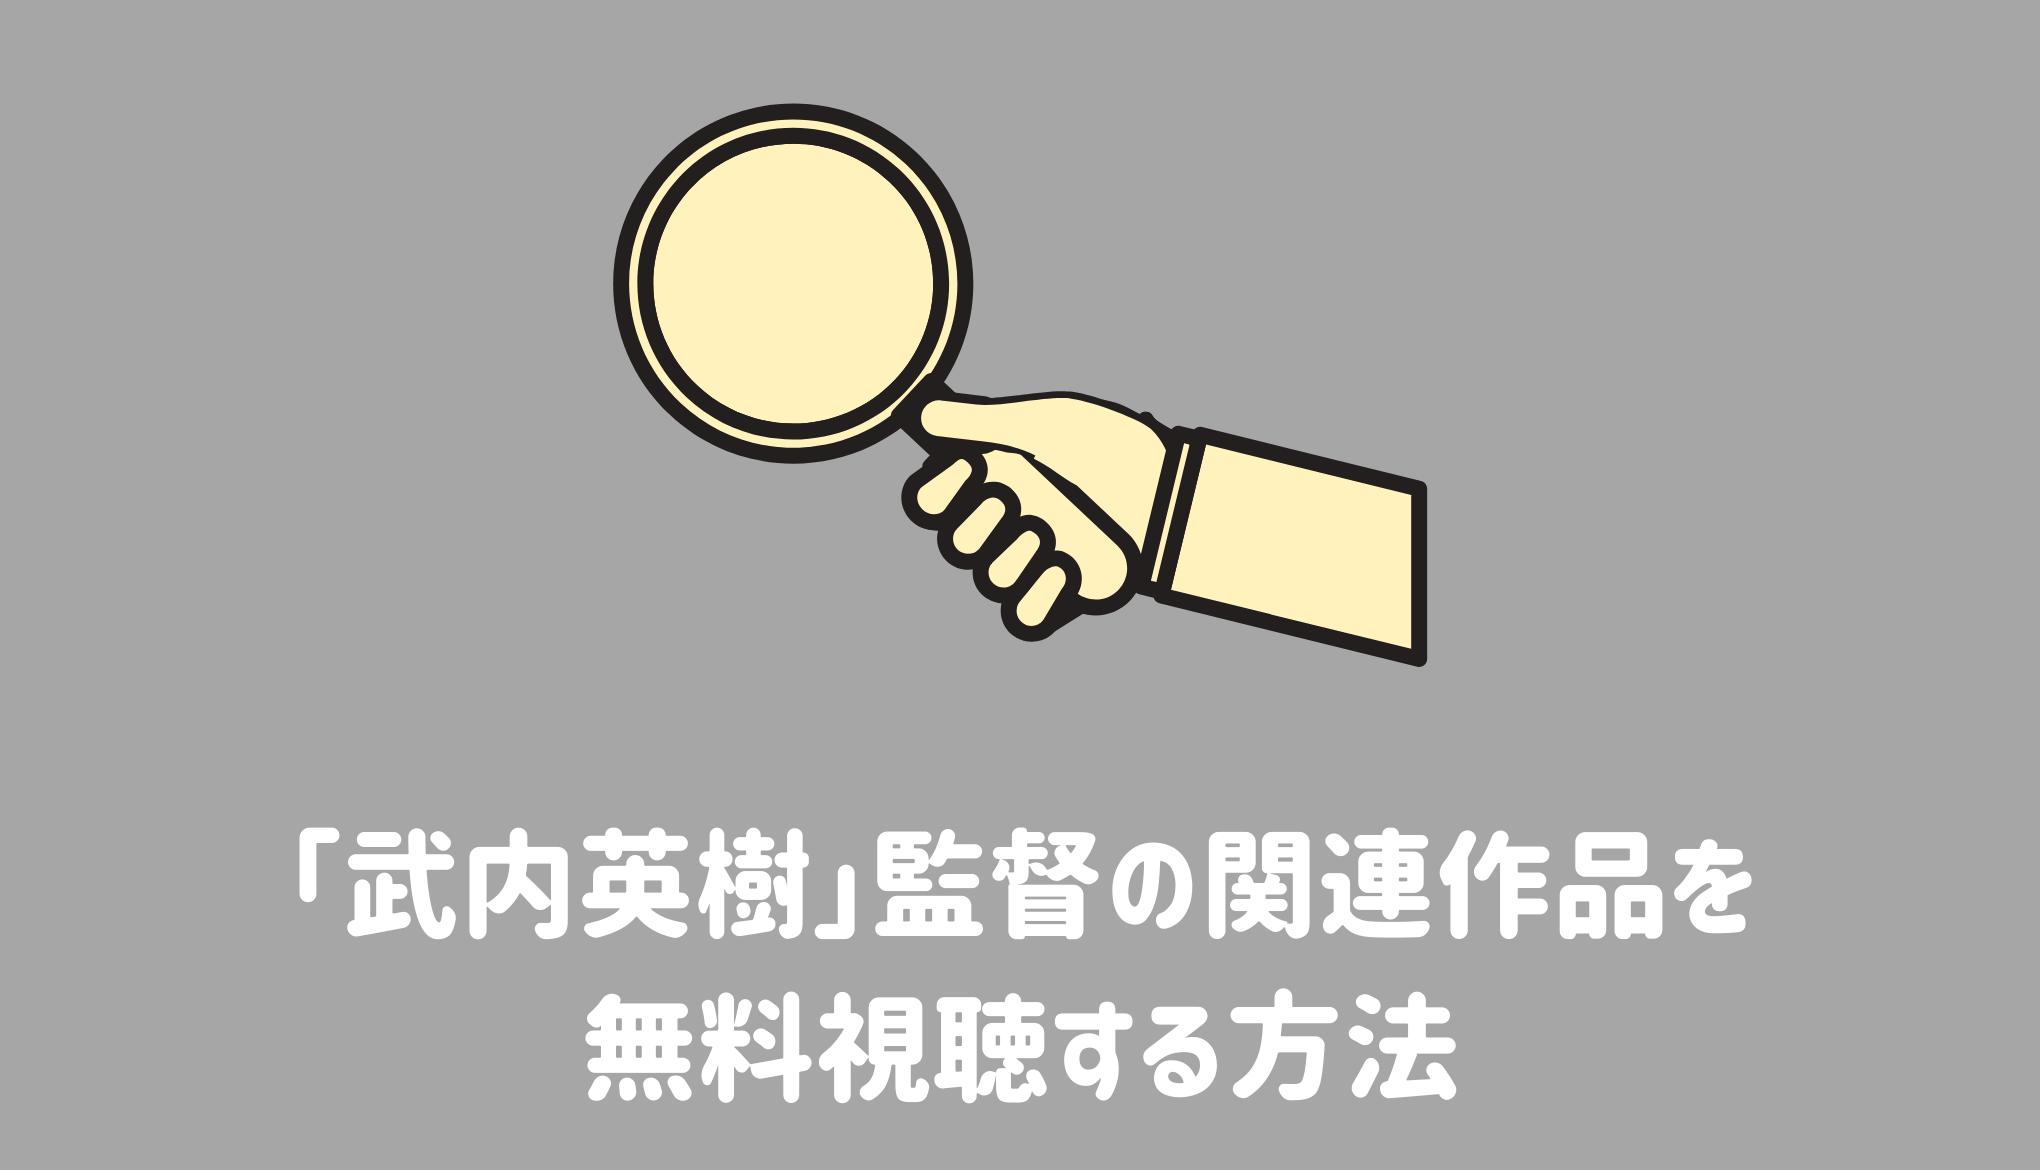 武内英樹監督の関連作品を無料視聴する方法